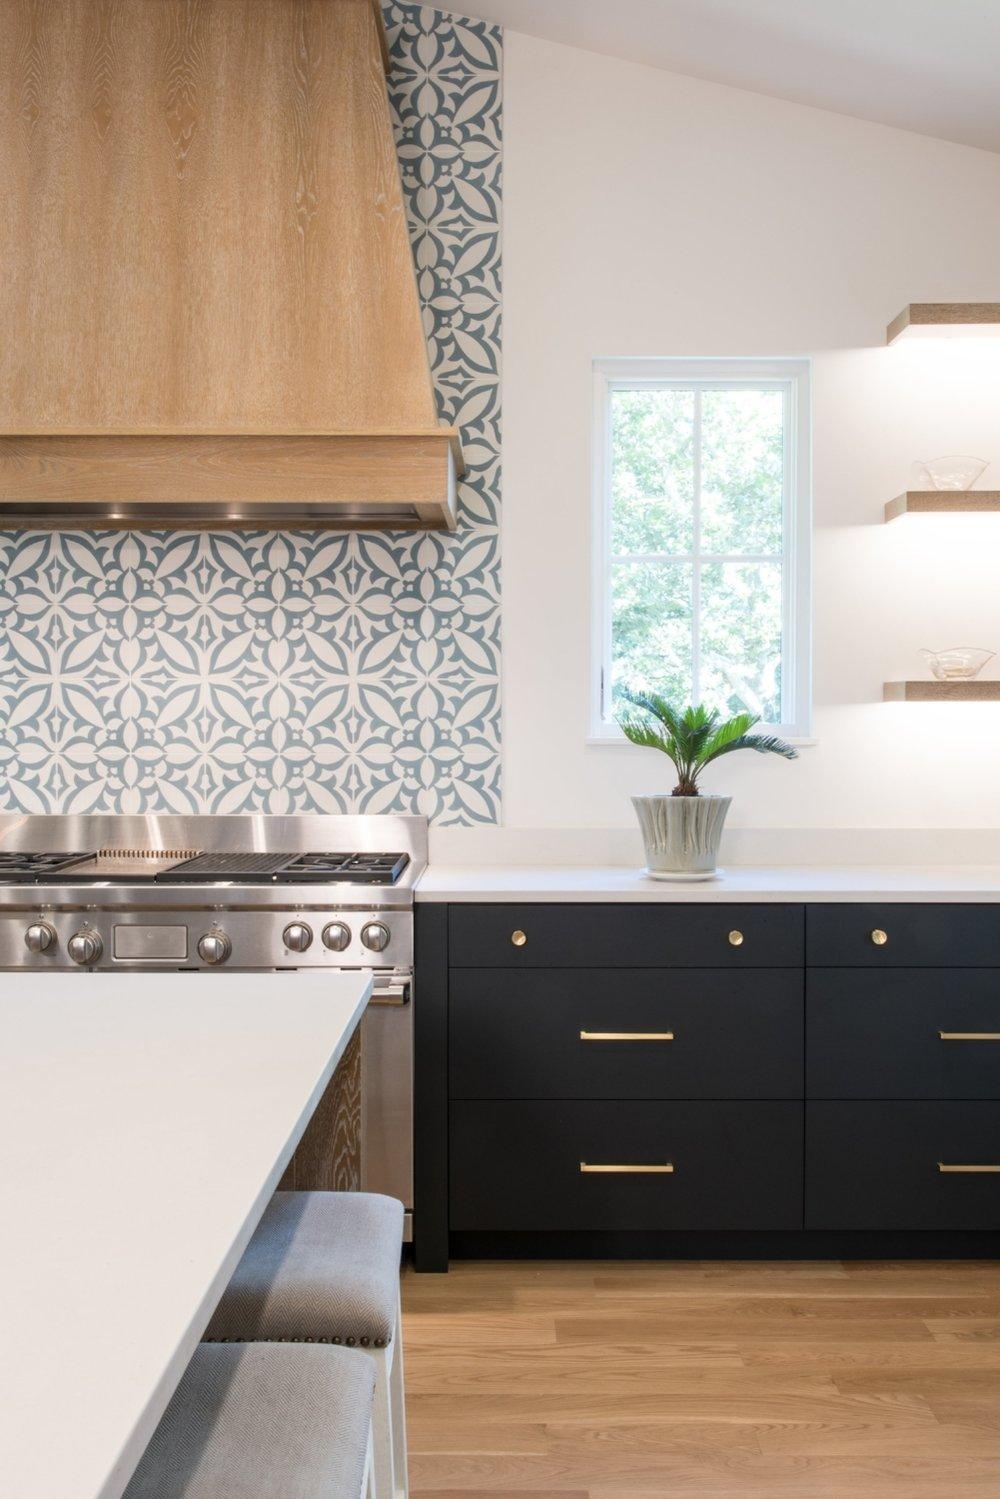 Matthews - Oak Valley kitchen and bath-8736.jpg